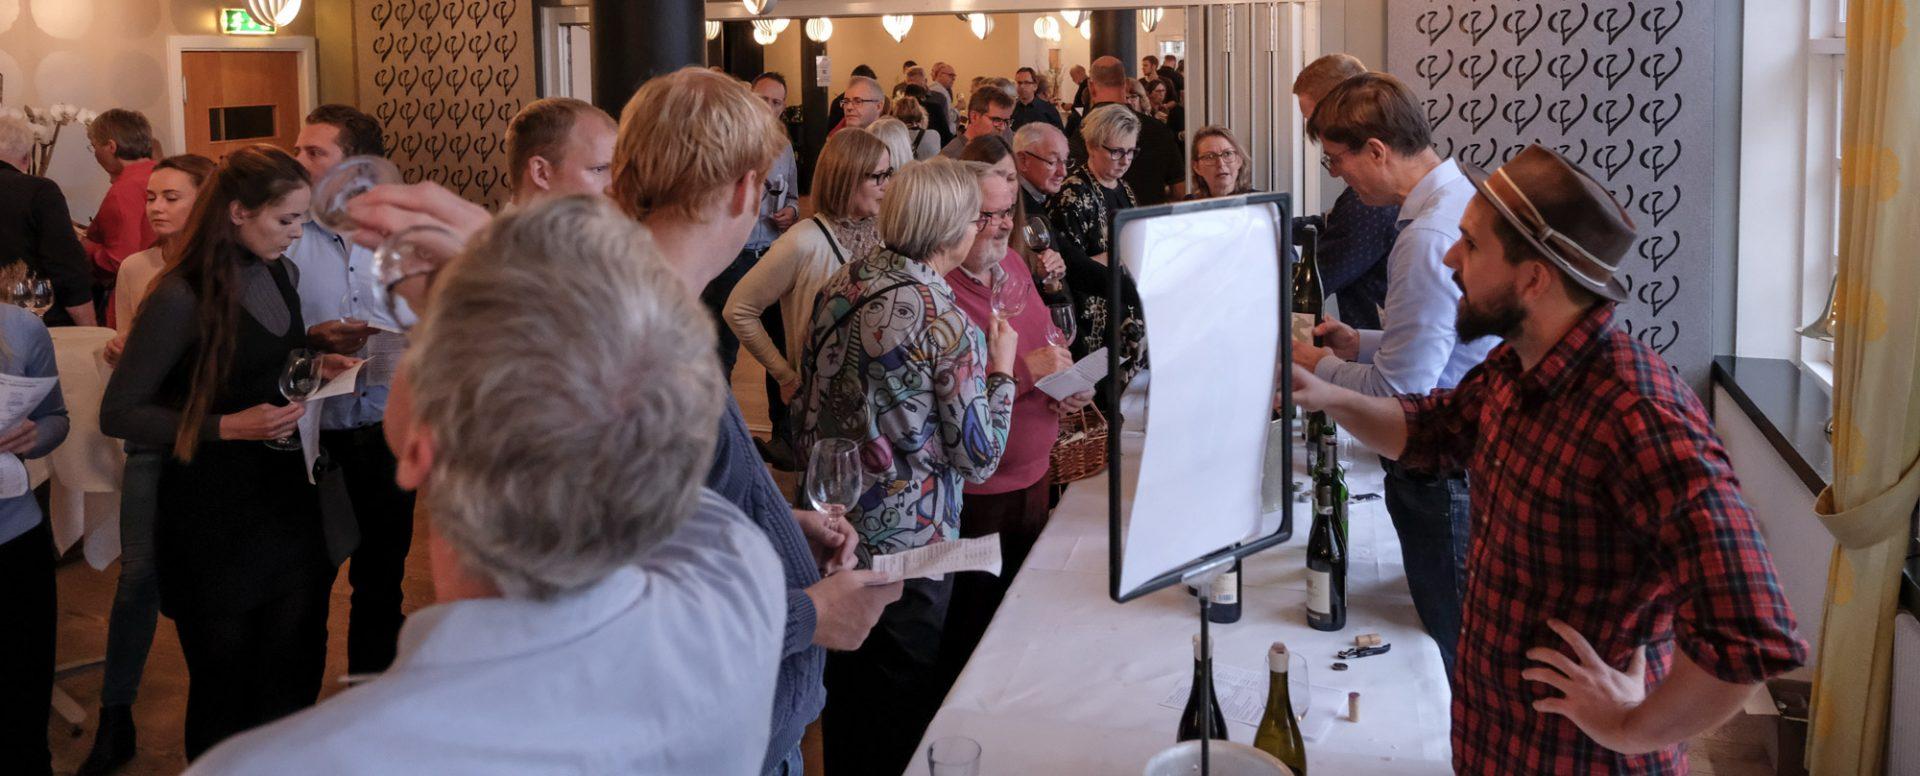 Gratis for alle: Stor traditionsrig vinsmagning på Varna Palæet i Aarhus